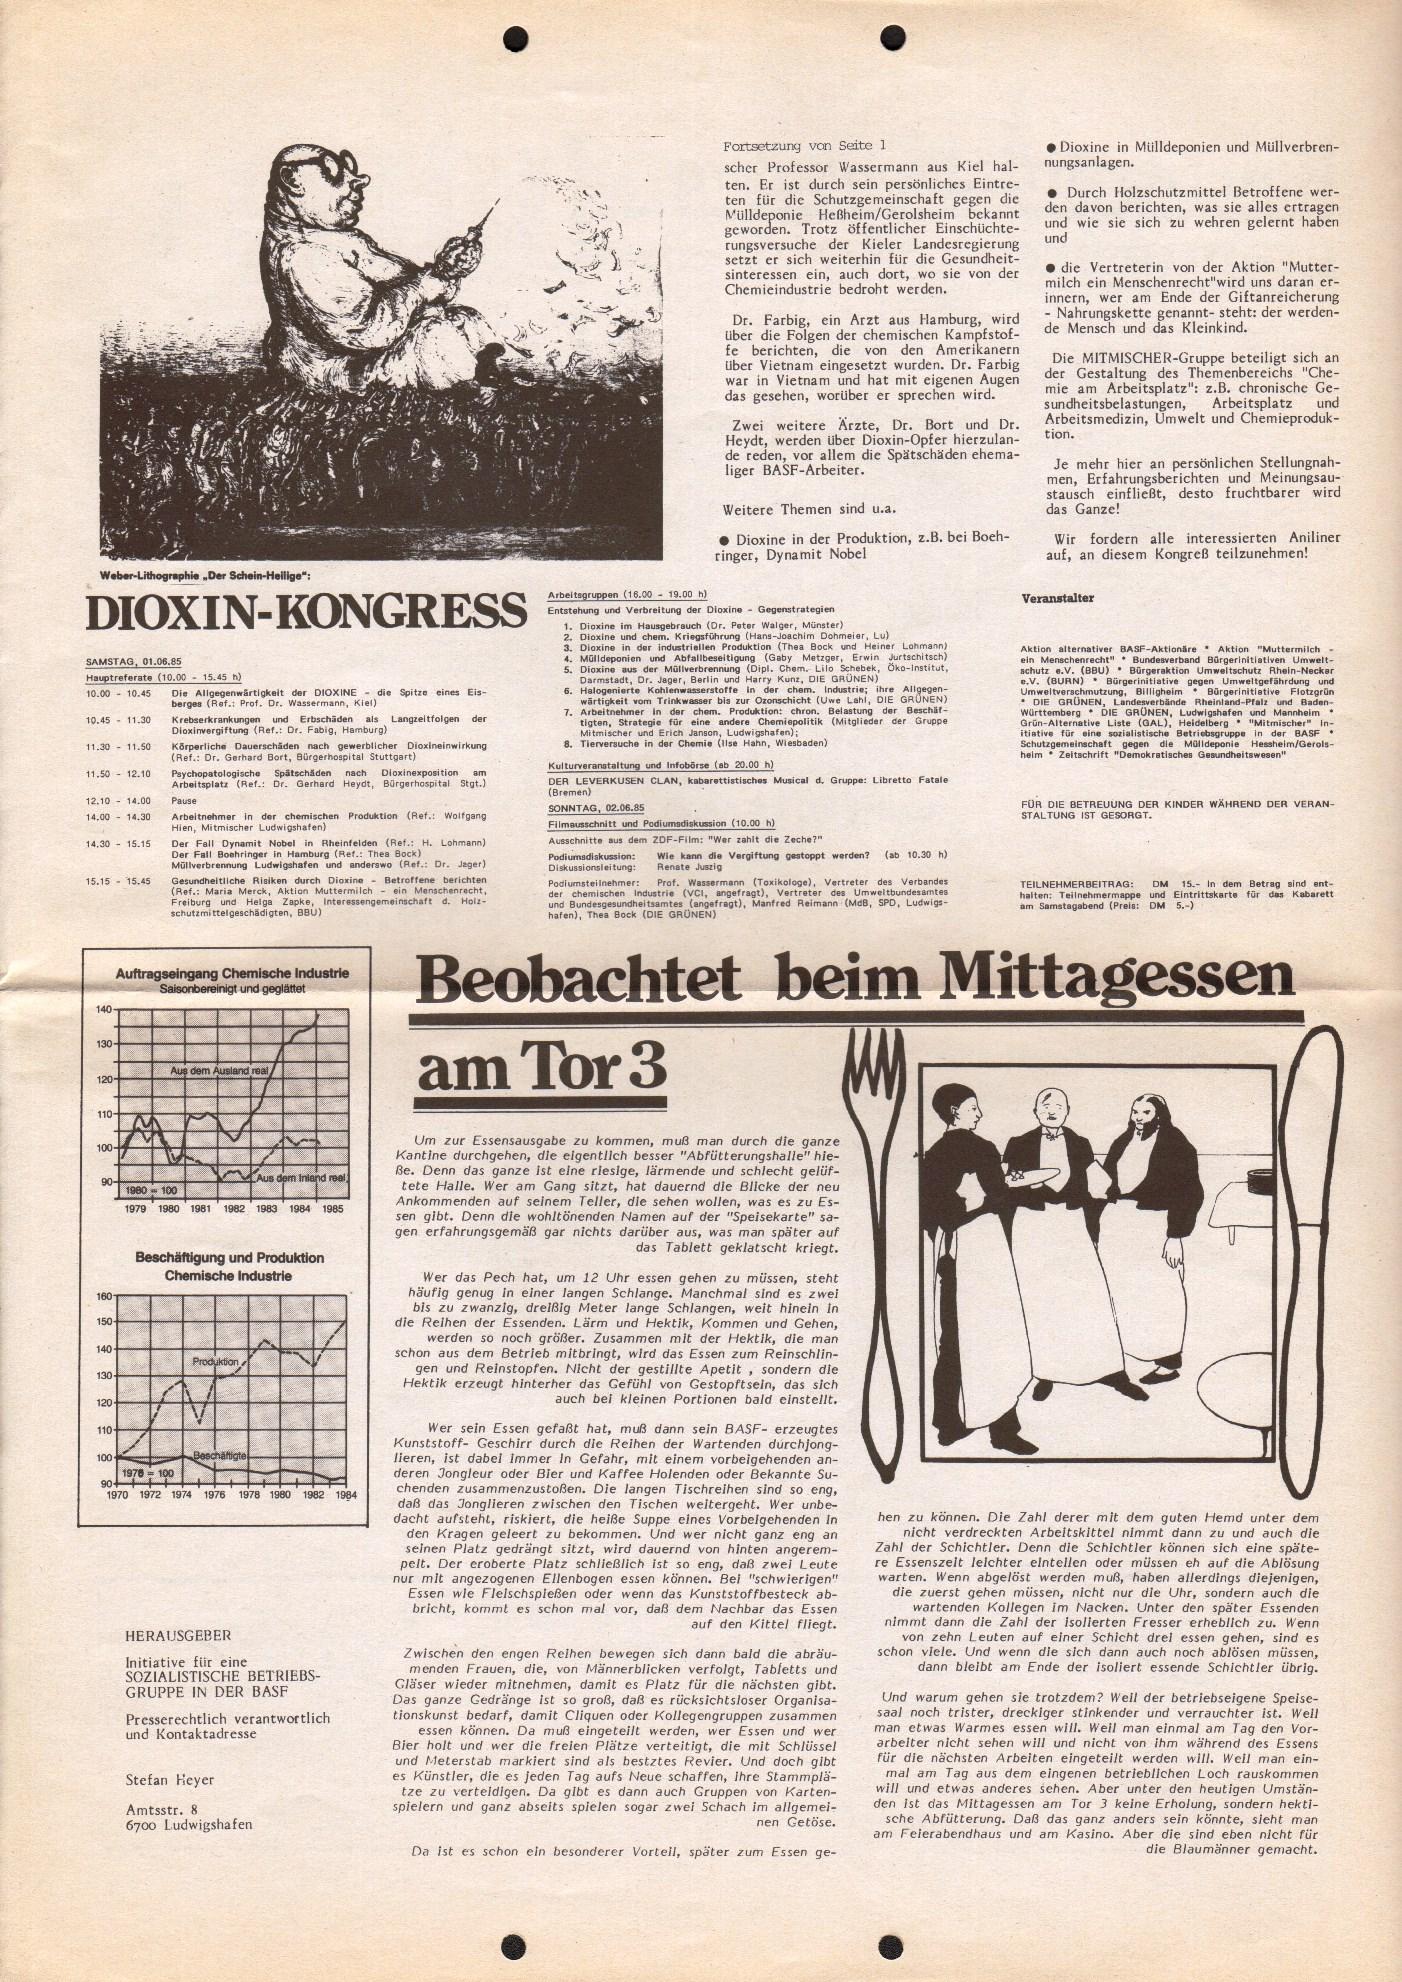 Ludwigshafen_Mitmischer_1985_29_03